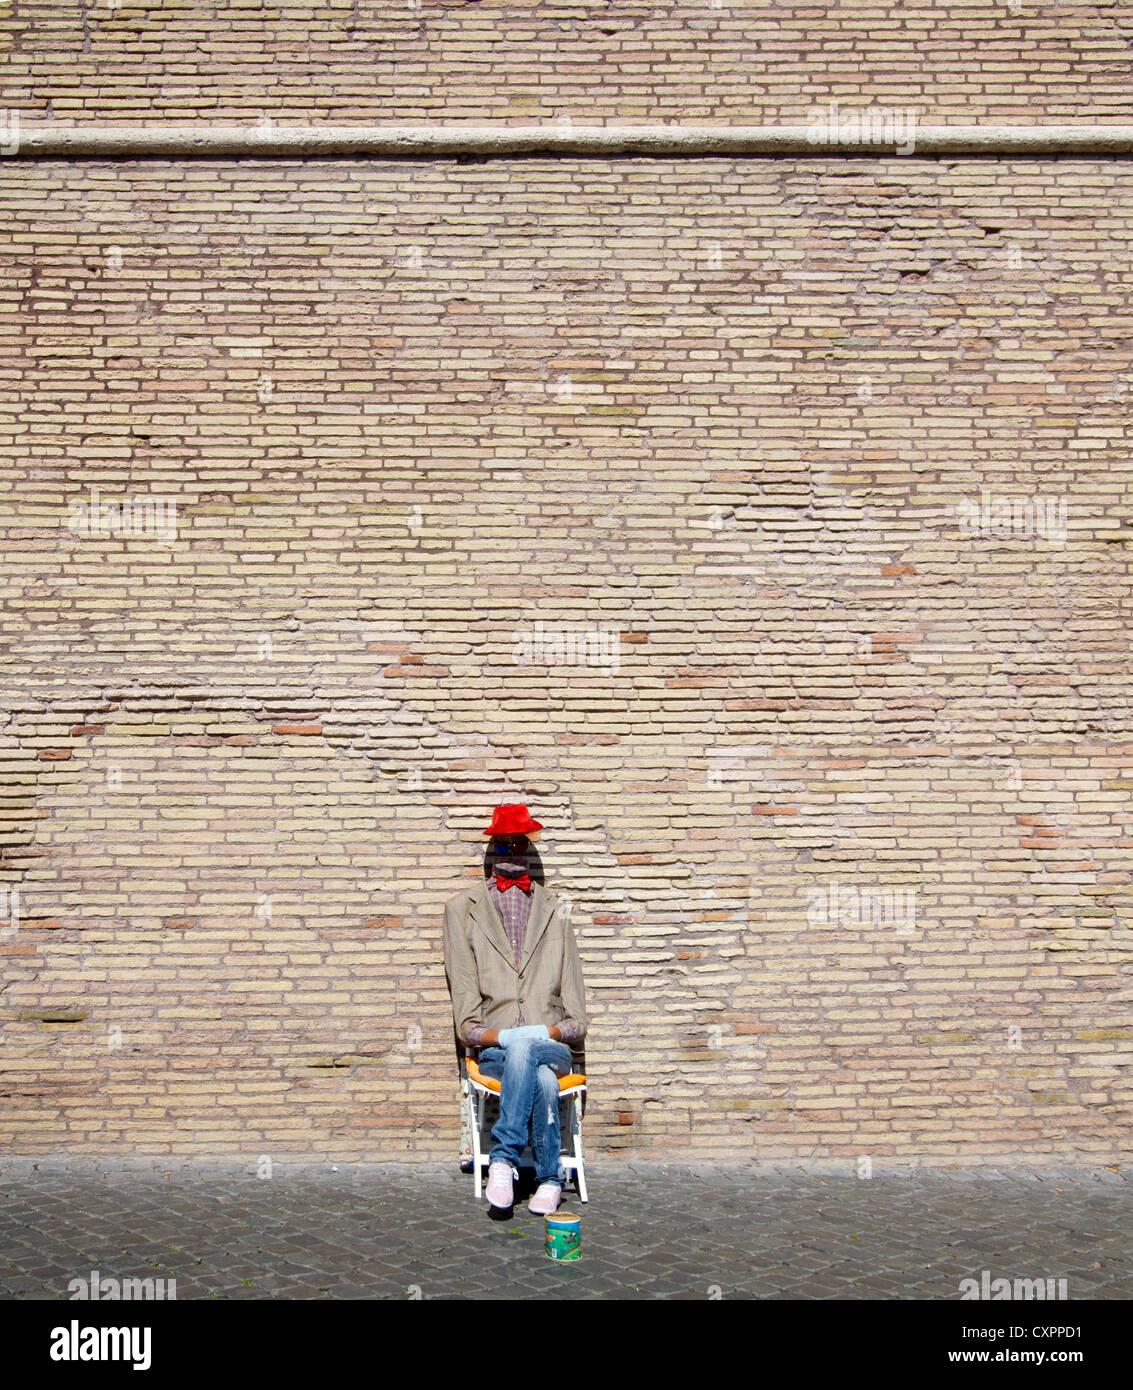 Artiste dans la rue de Rome - l'homme sans tête dans la suite Photo Stock